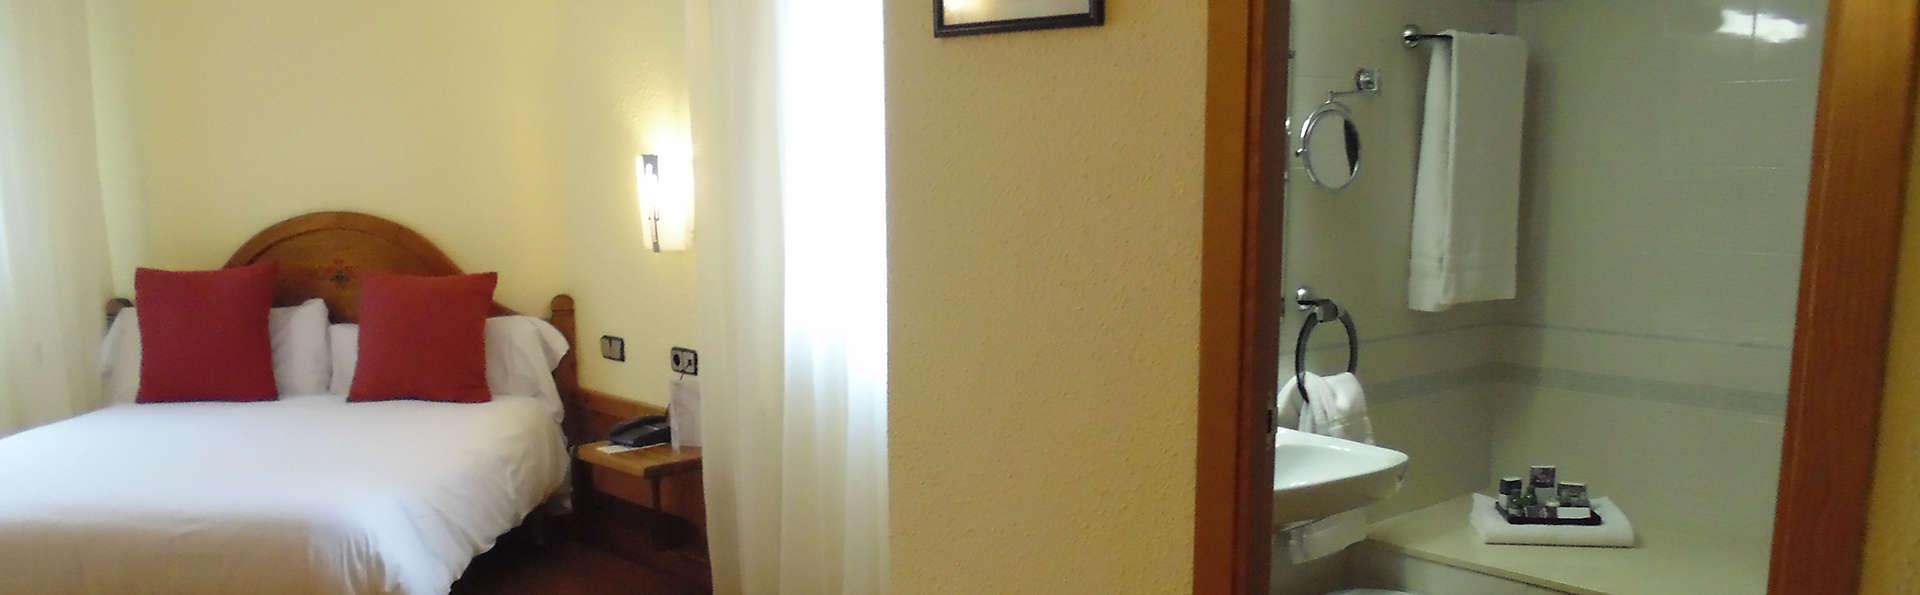 Hotel Sant Gothard - edit_bathroom4.jpg